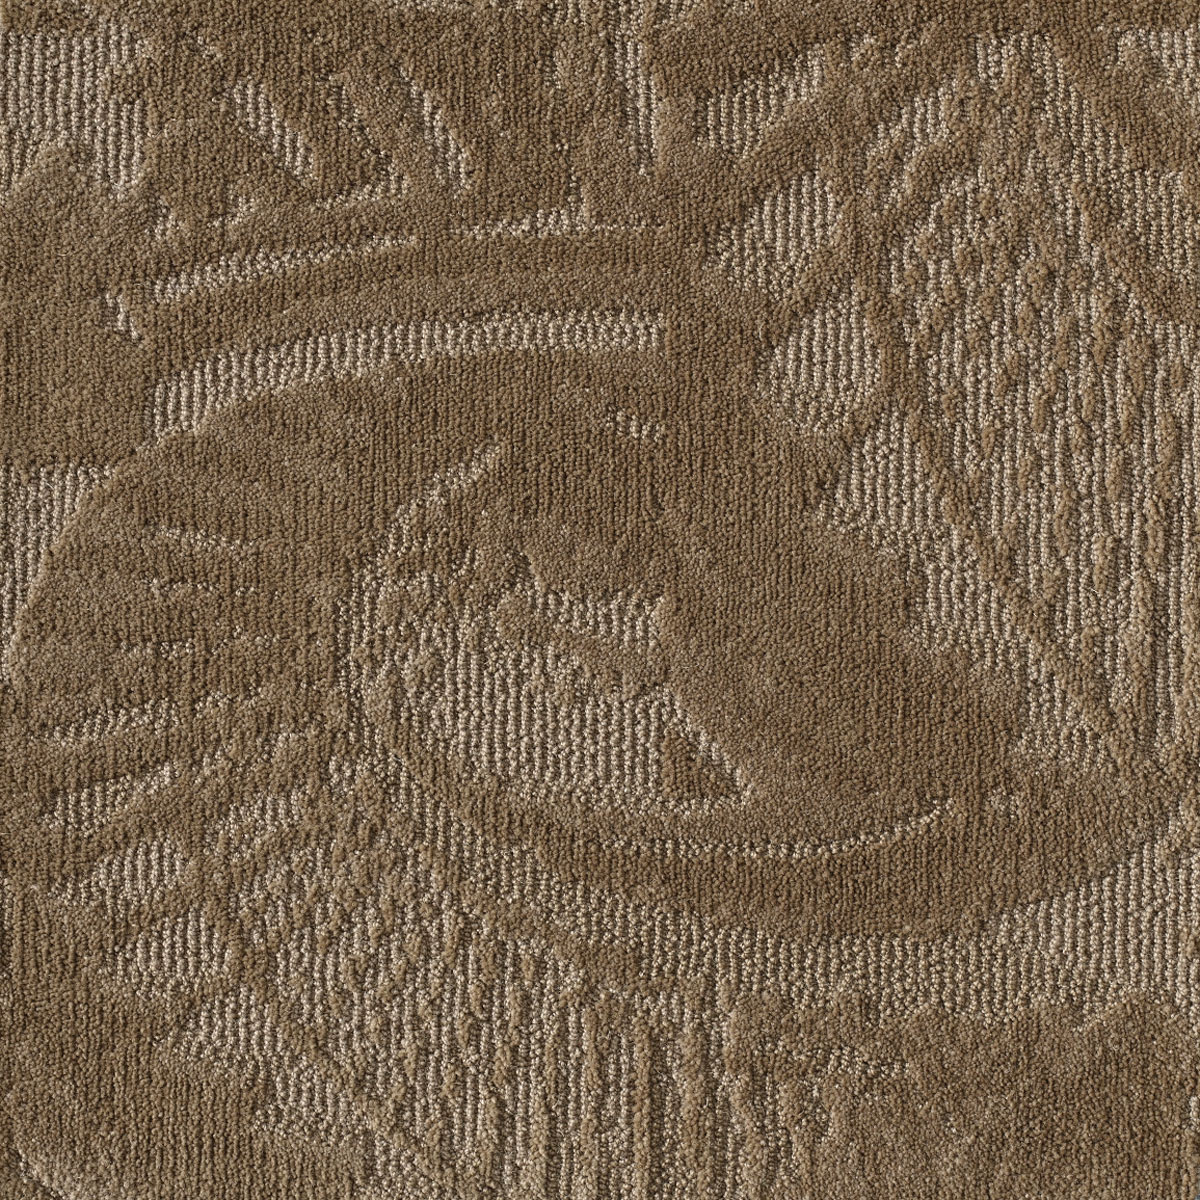 2006 Trench Coat